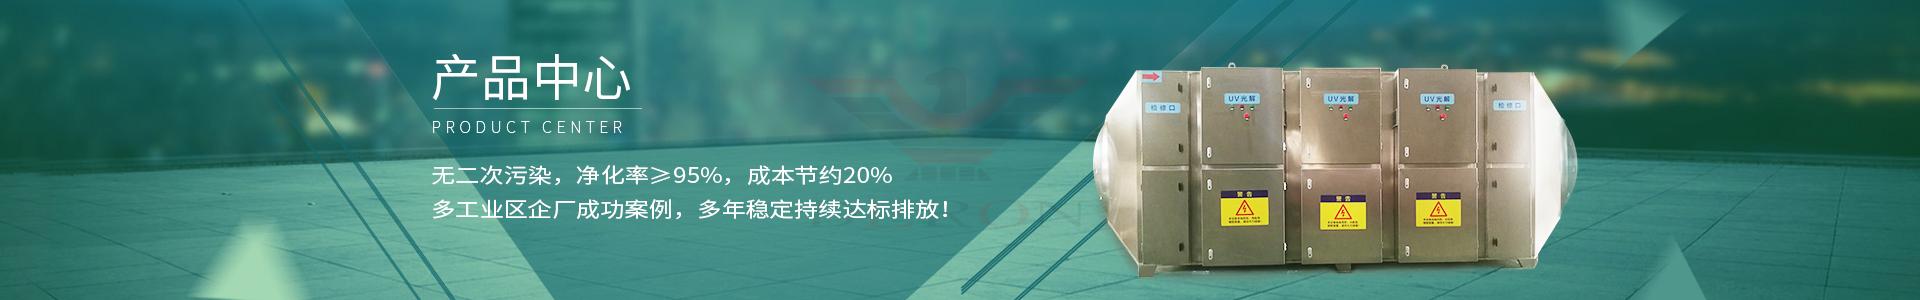 深圳海德隆废气处理产品中心